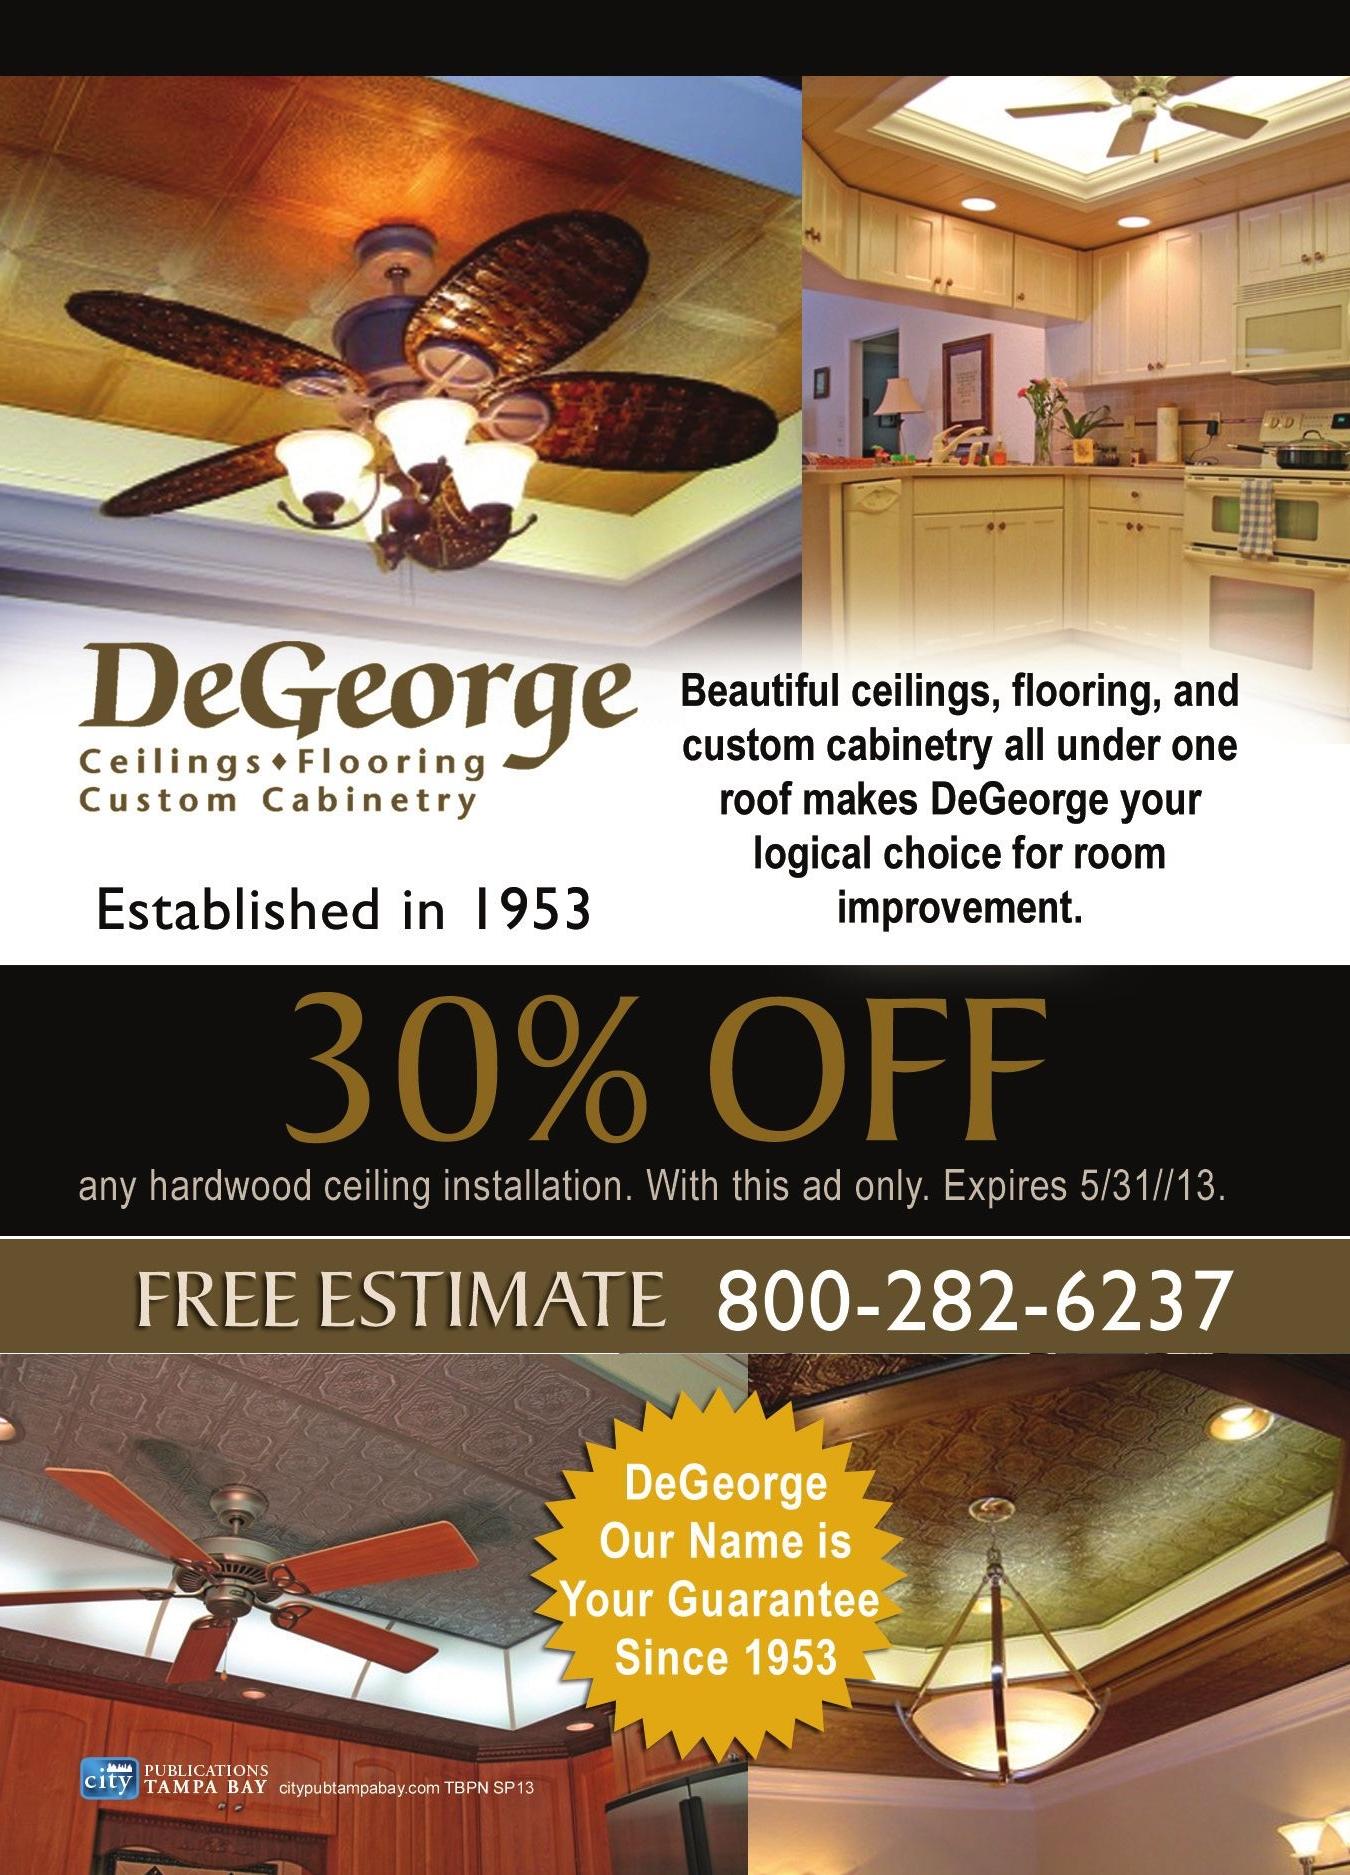 DeGeorge Ceilings Flooring Custom Cabinetry